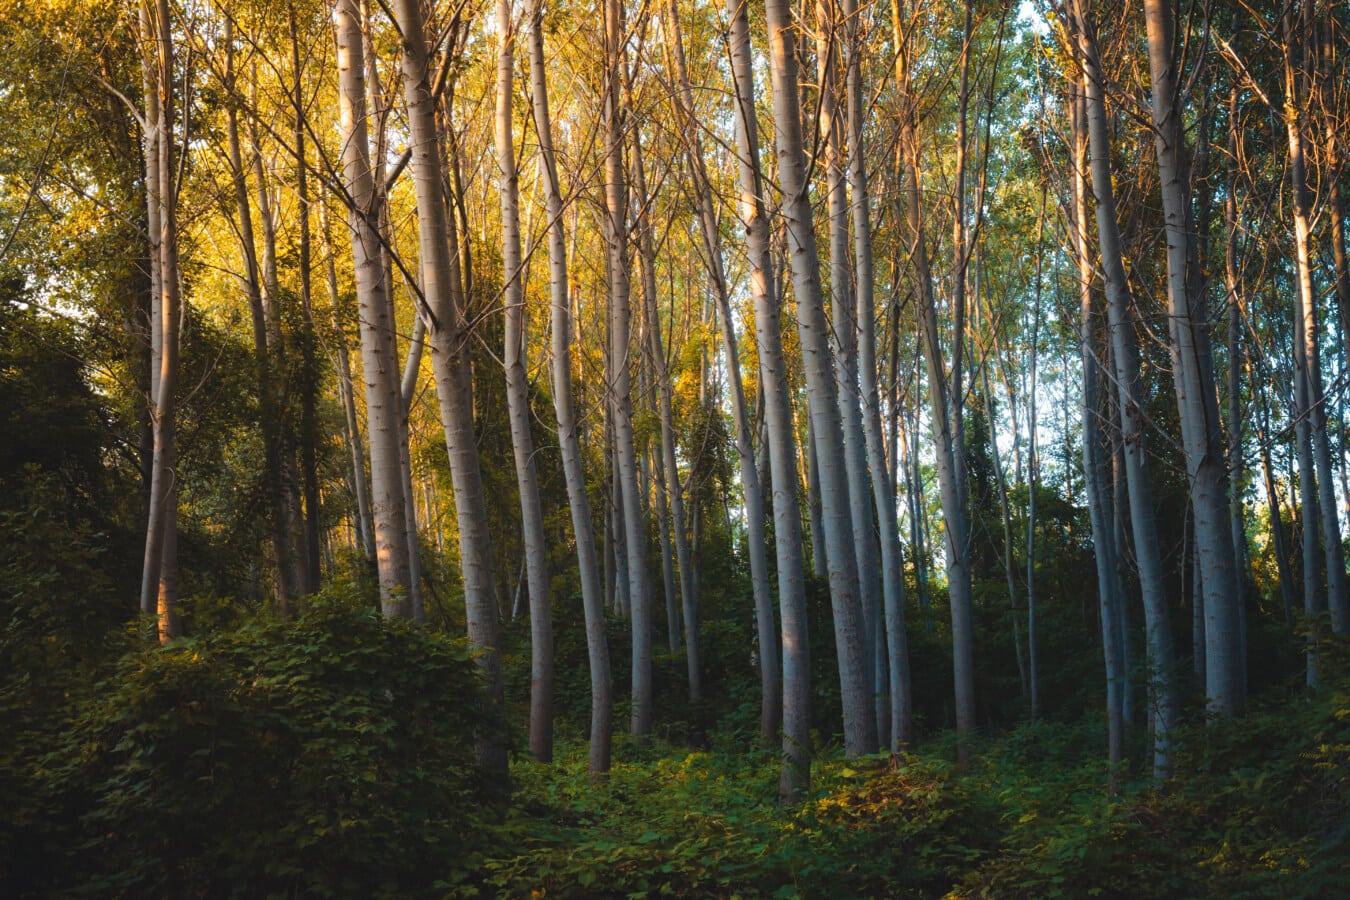 magie, forêt, majestueux, peuplier, arbres, verdure, écosystème, feuillage, bois, aube